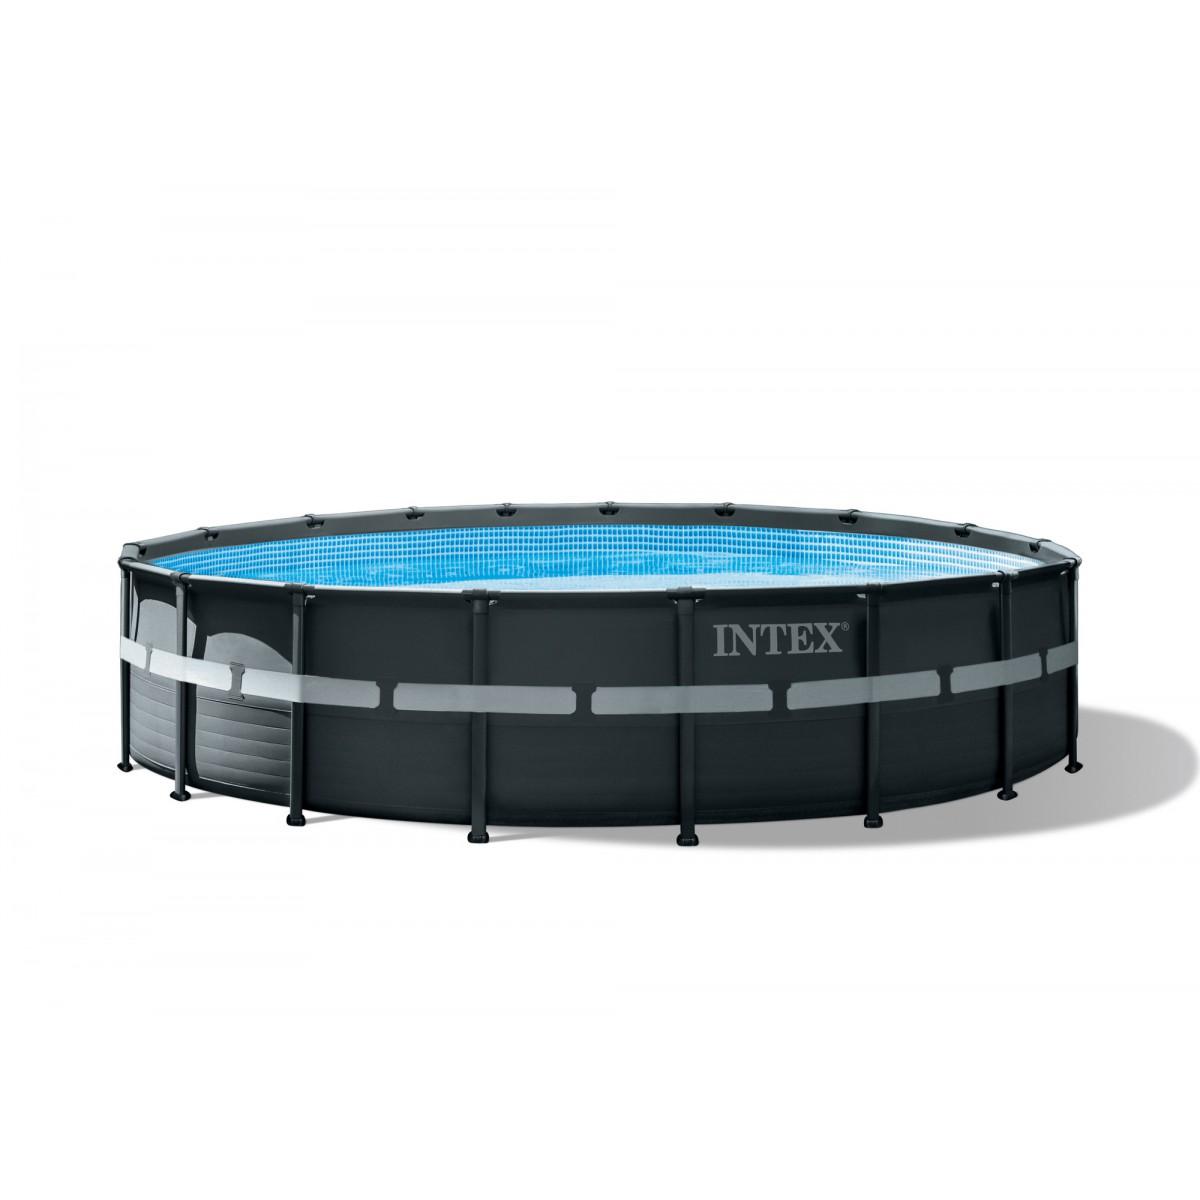 Piscine tubulaire ronde Ultra XTR Intex - Diamètre 549 cm - Hauteur 132 cm